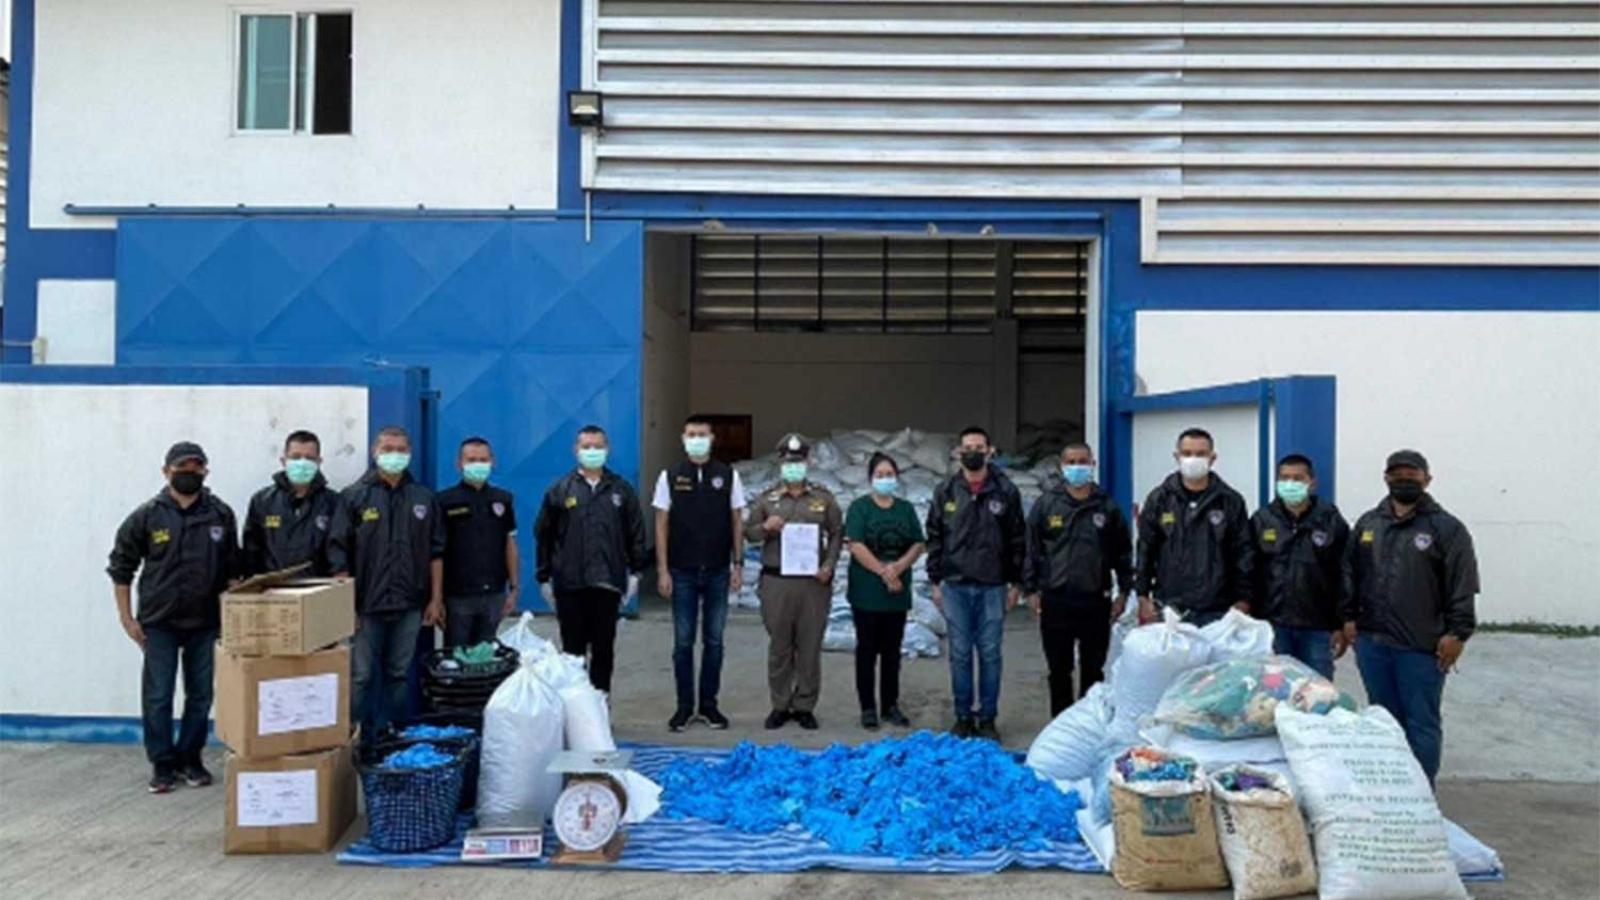 Thái Lan thu giữ 37 tấn găng tay đã qua sử dụng chuẩn bị được đưa ra thị trường